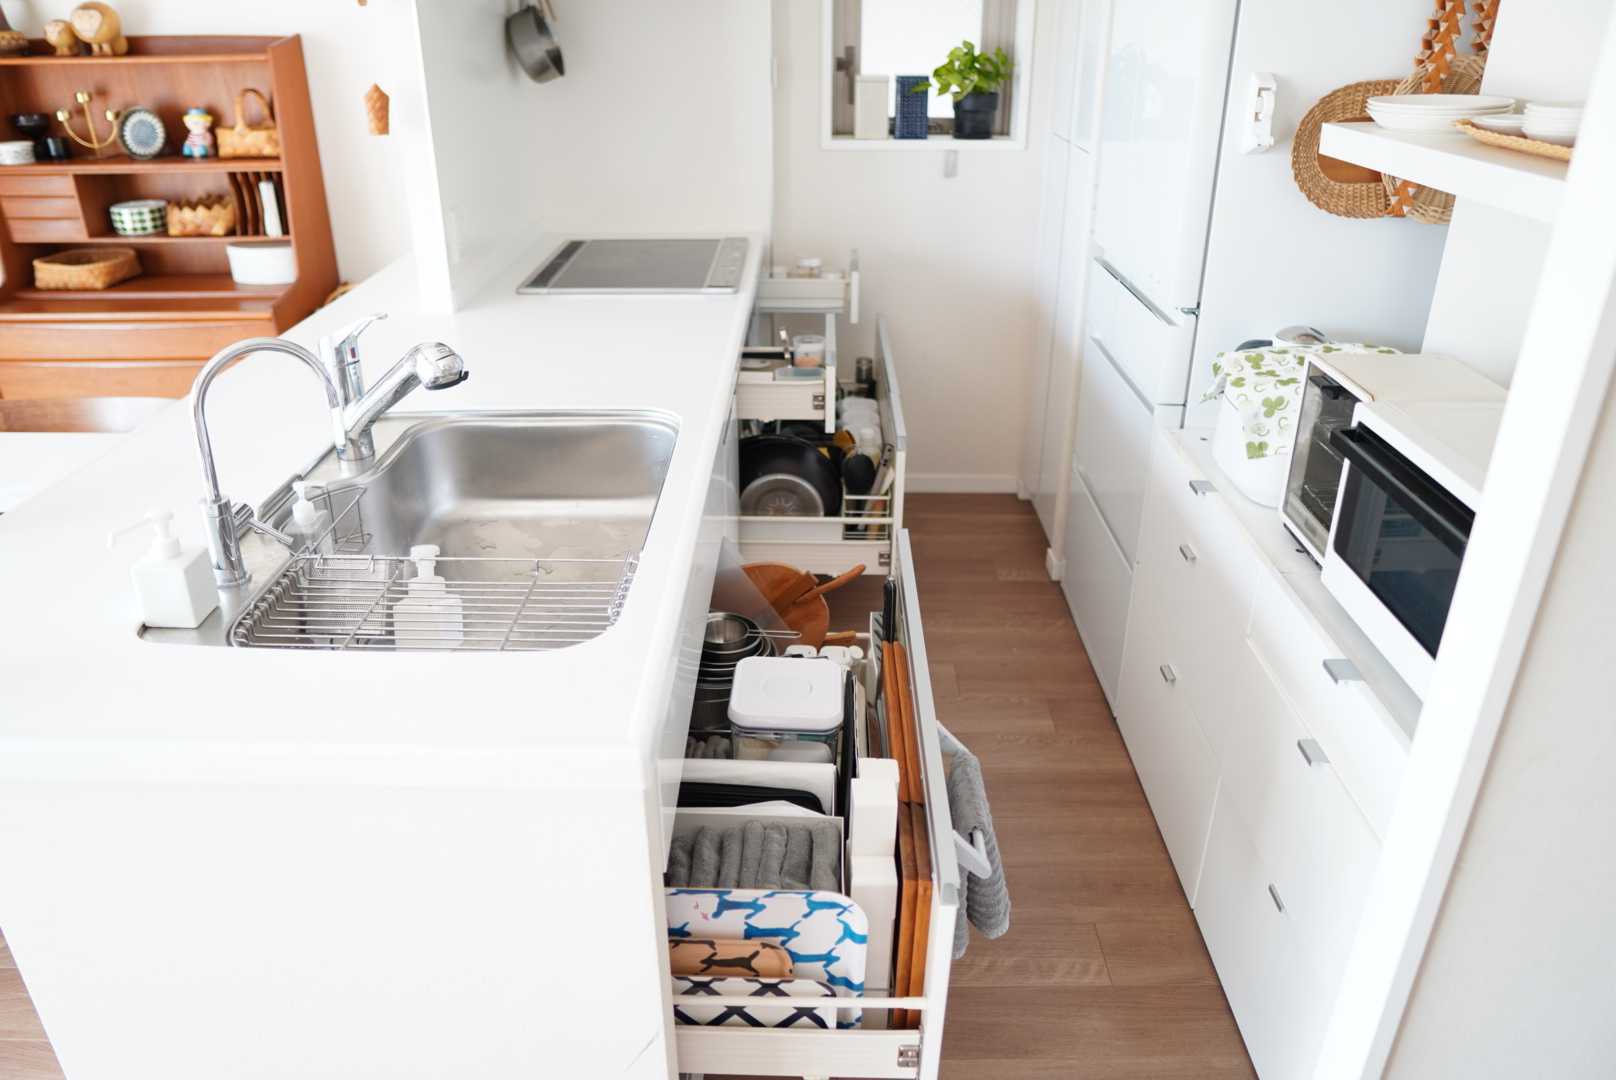 【大掃除の前に】キッチンの引き出し